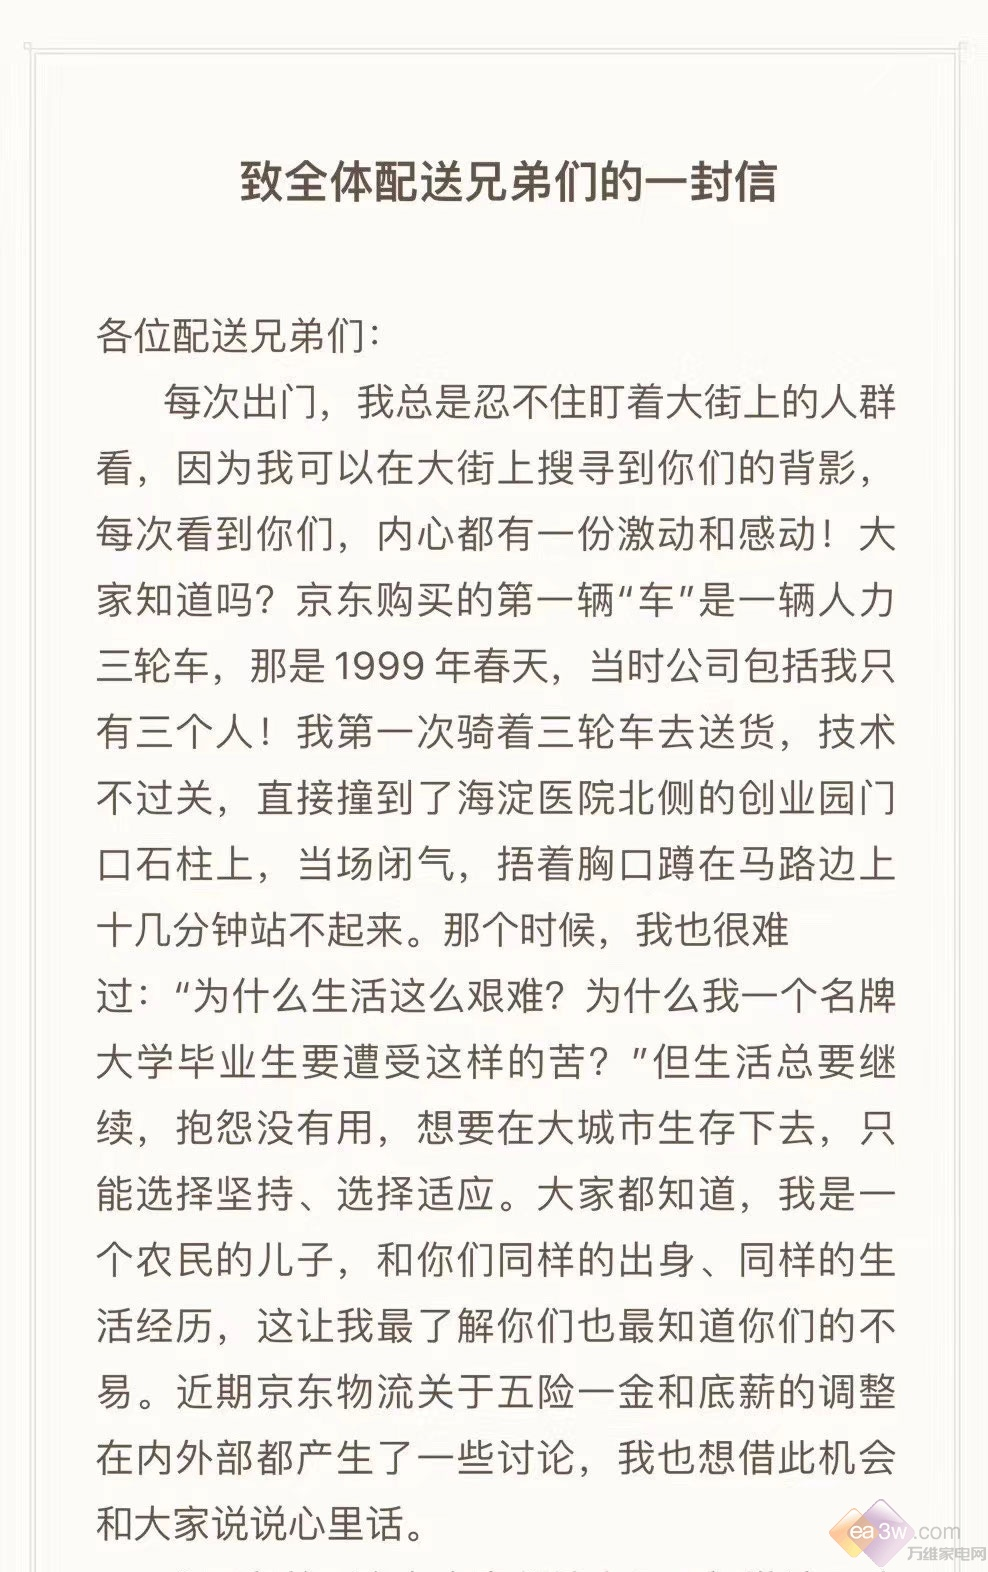 新濠天地下载地址早闻:京东物流18年亏28亿求转型,支付宝将开启刷脸支持